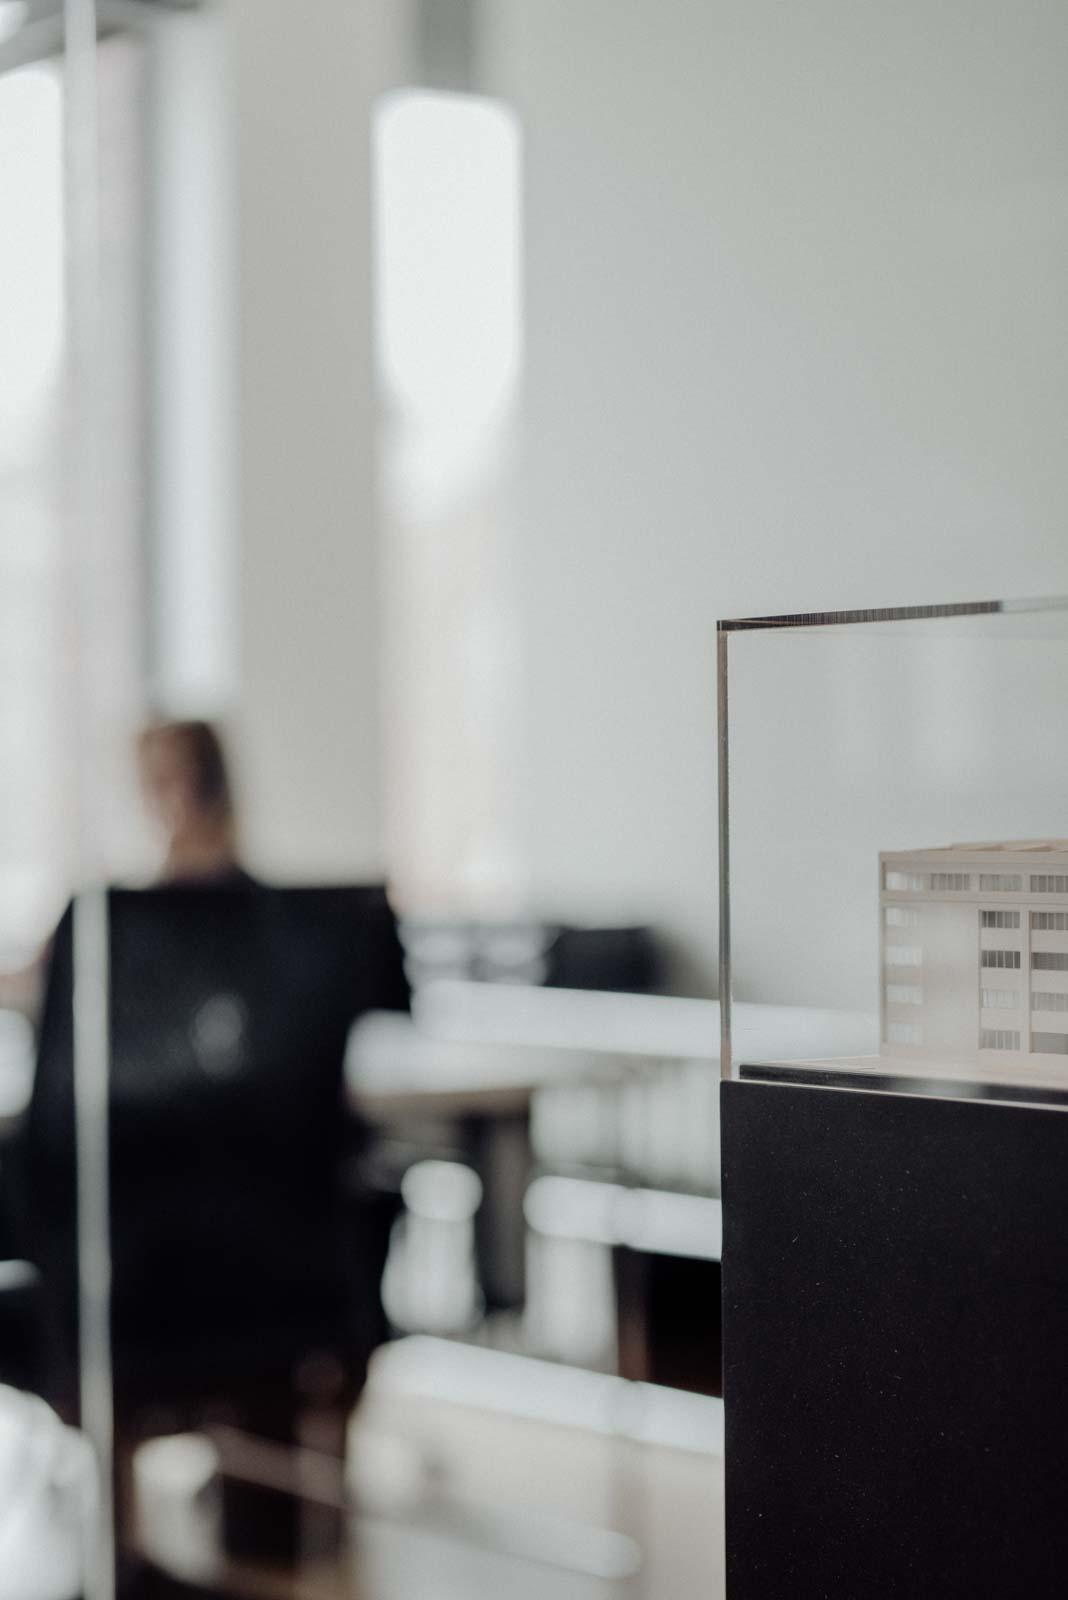 Ambiente Fotos aus Architekturbüro mit Architekturmodellen